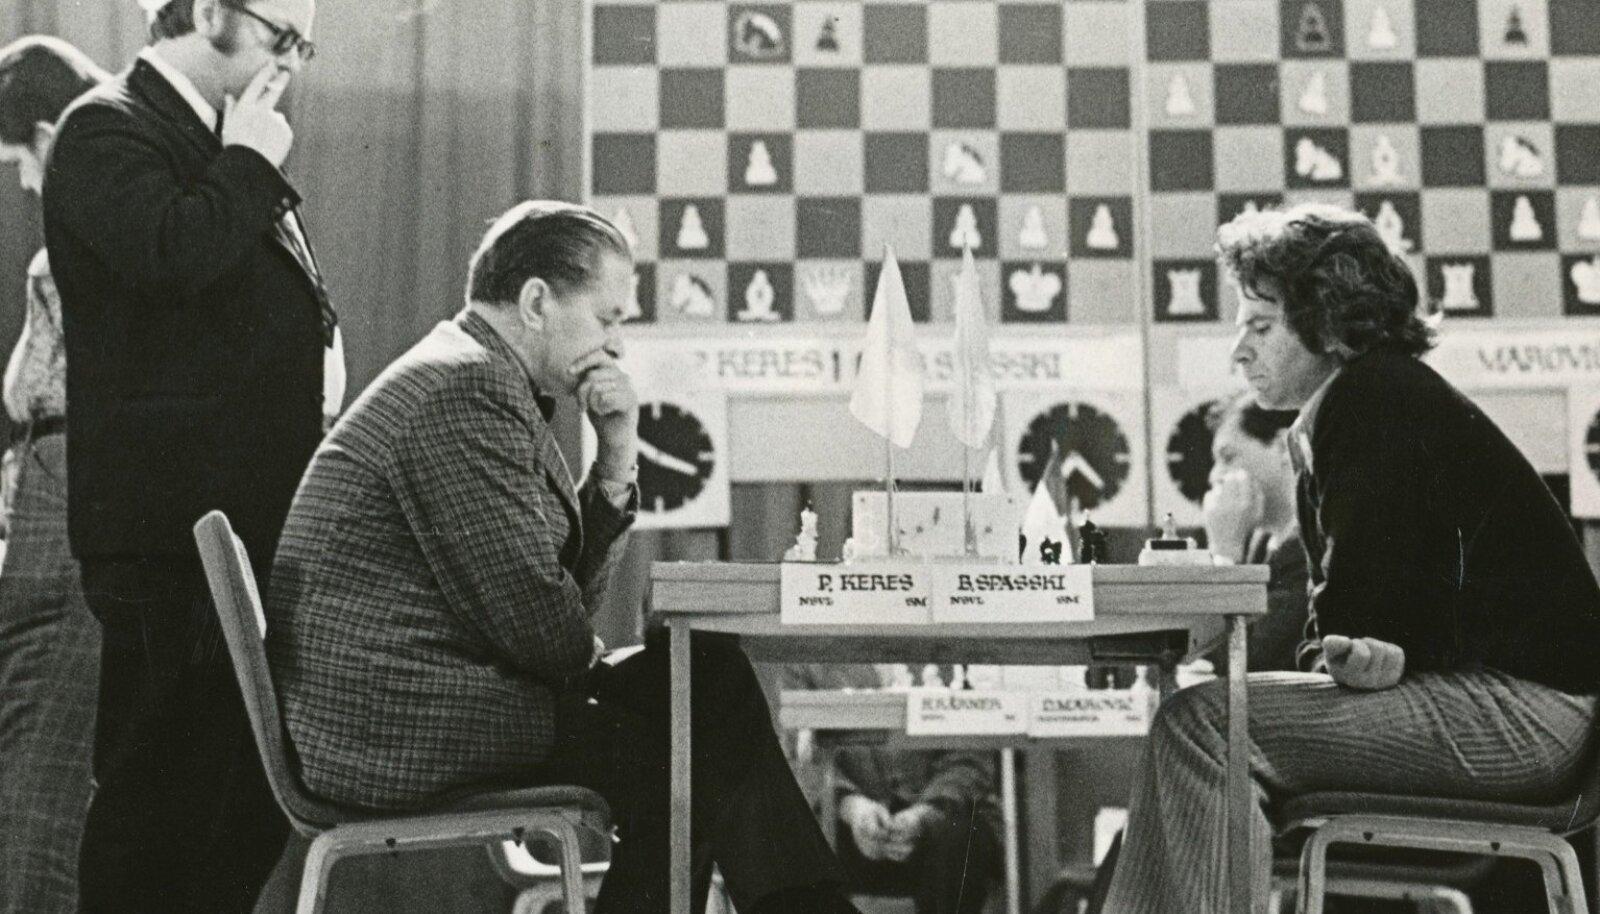 Boriss Spasski oli Kerese talendi suur austaja. Pilt kahe suurmeistri vastasseisust on tehtud 1975. aastal.